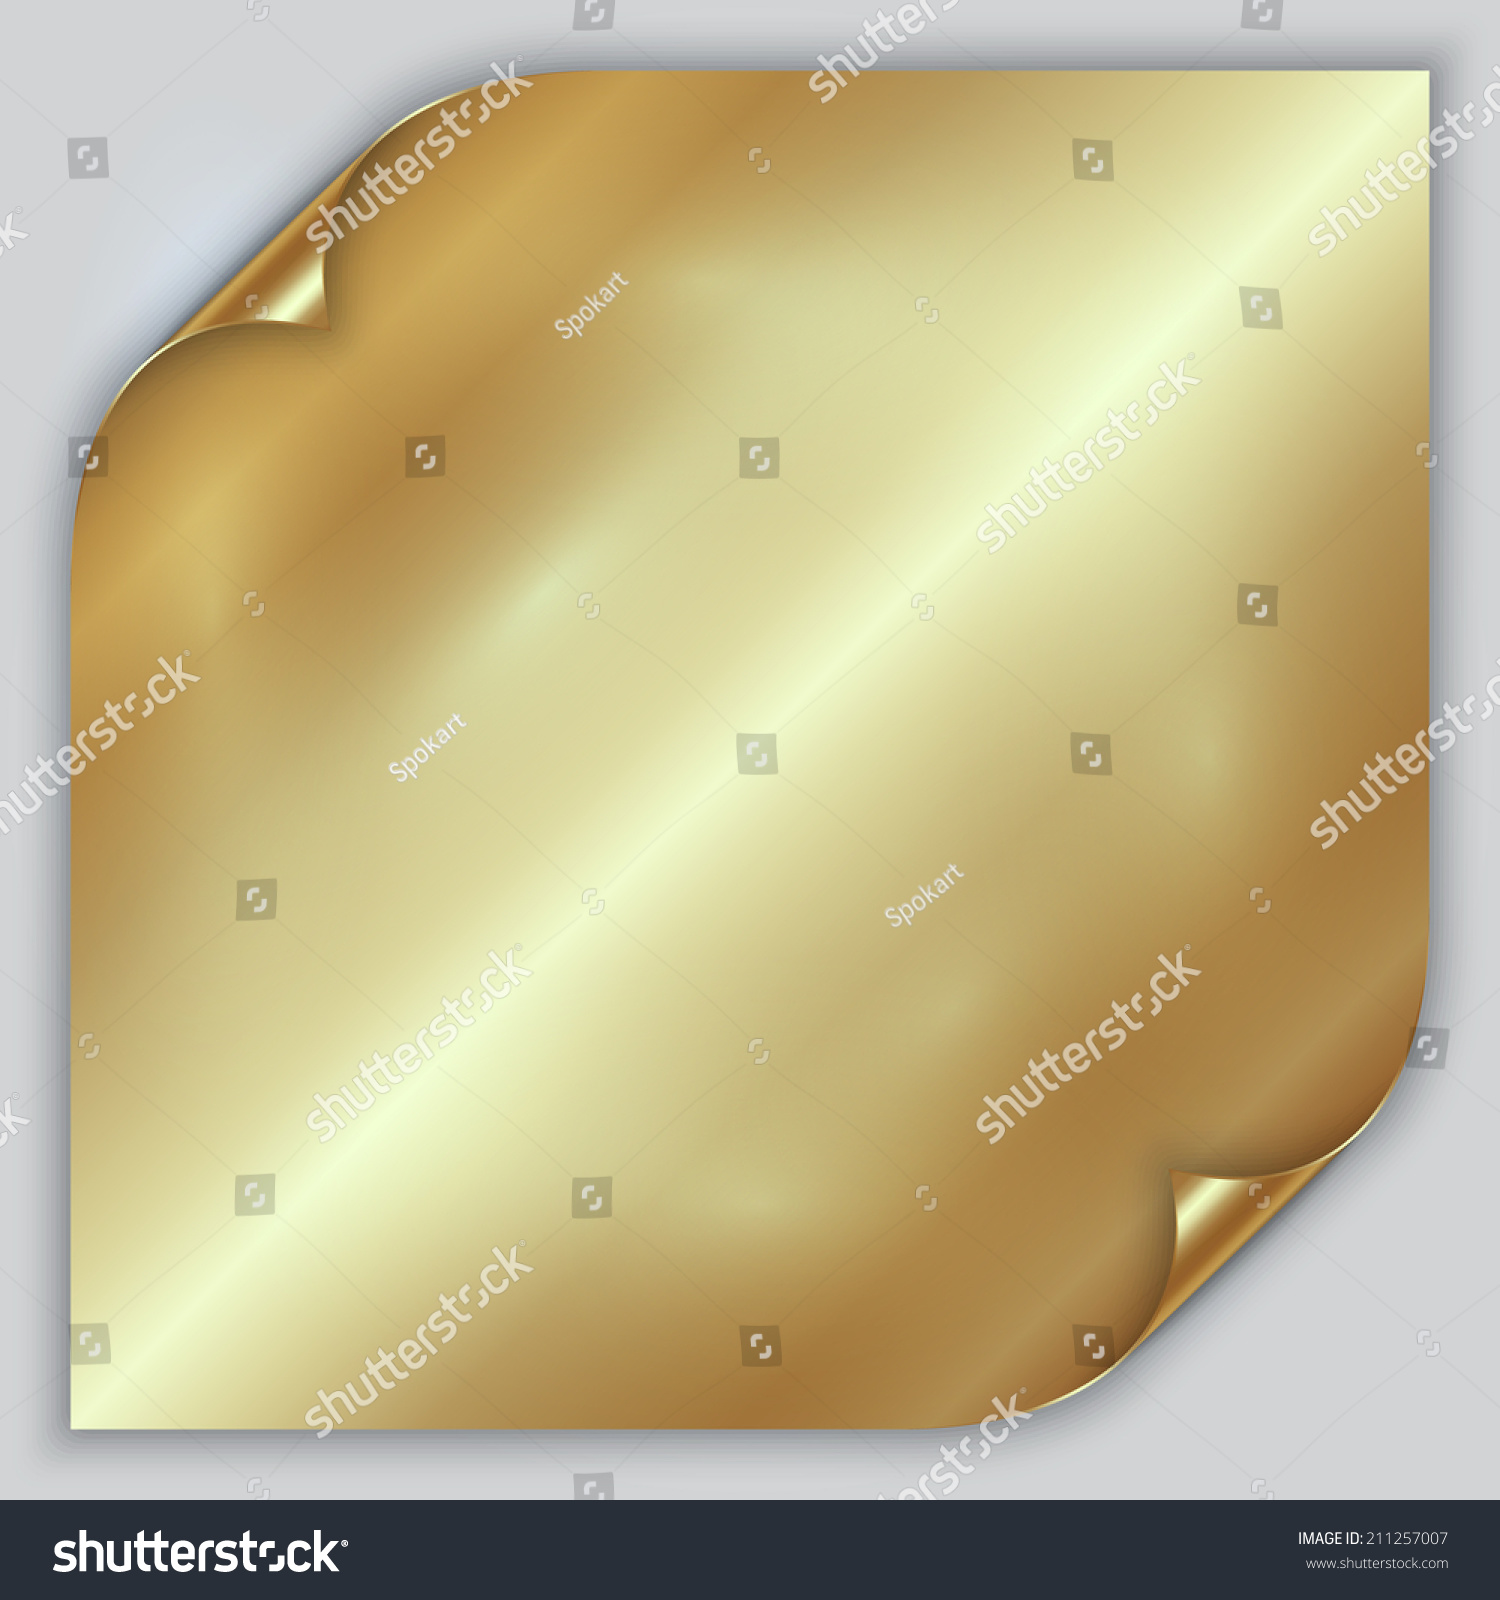 矢量格式       这张图片是矢量图